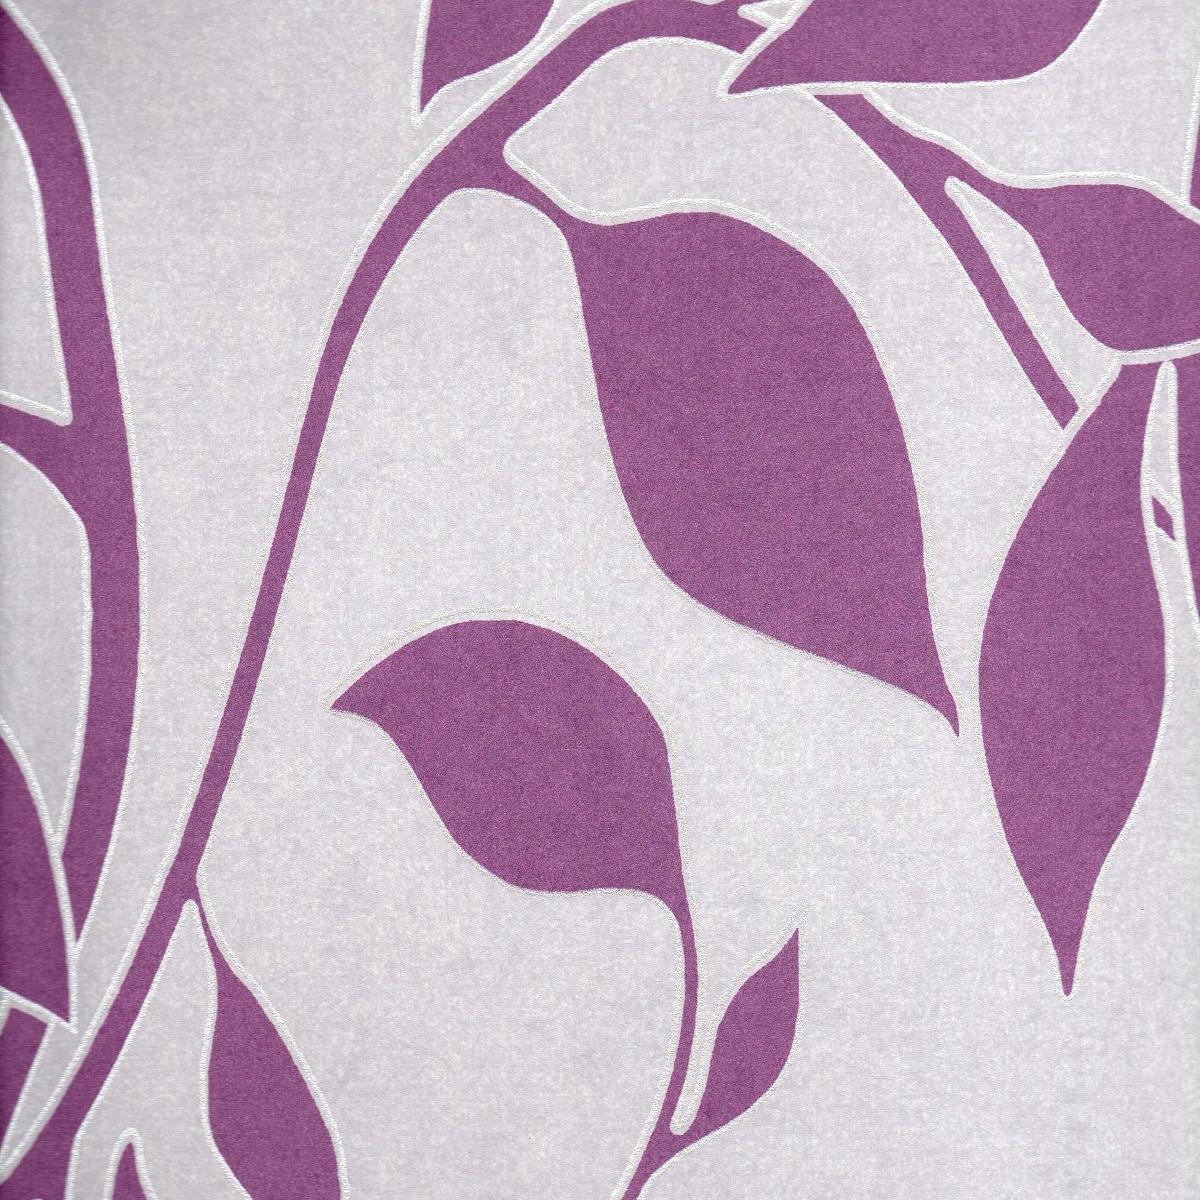 Обои флизелиновые Id-Art Mistique фиолетовые 0.53 м V6080-4